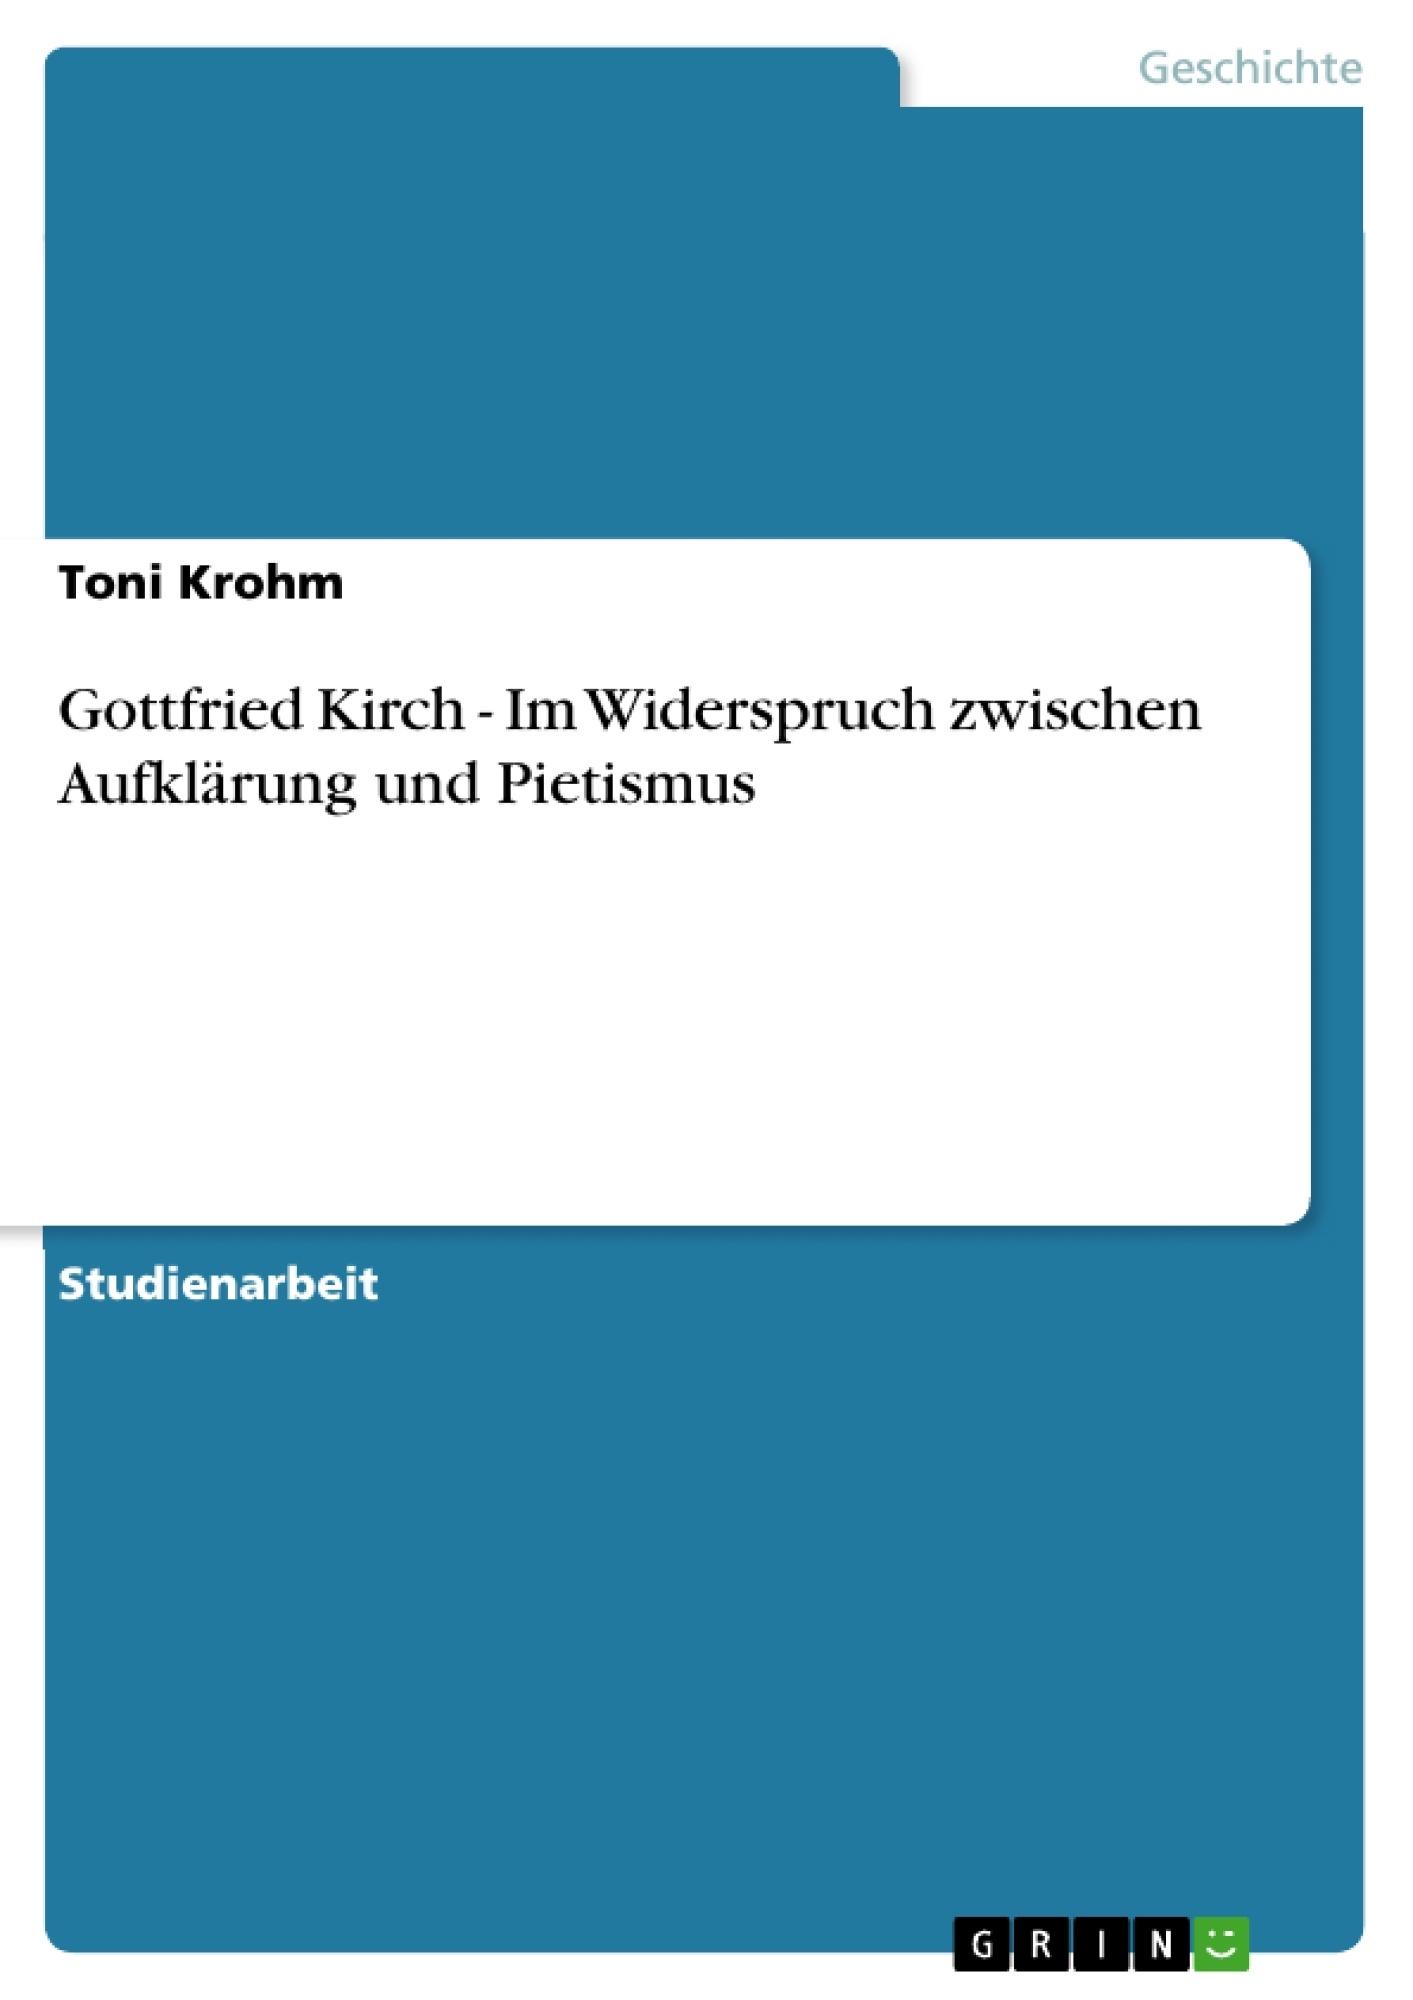 Titel: Gottfried Kirch - Im Widerspruch zwischen Aufklärung und Pietismus